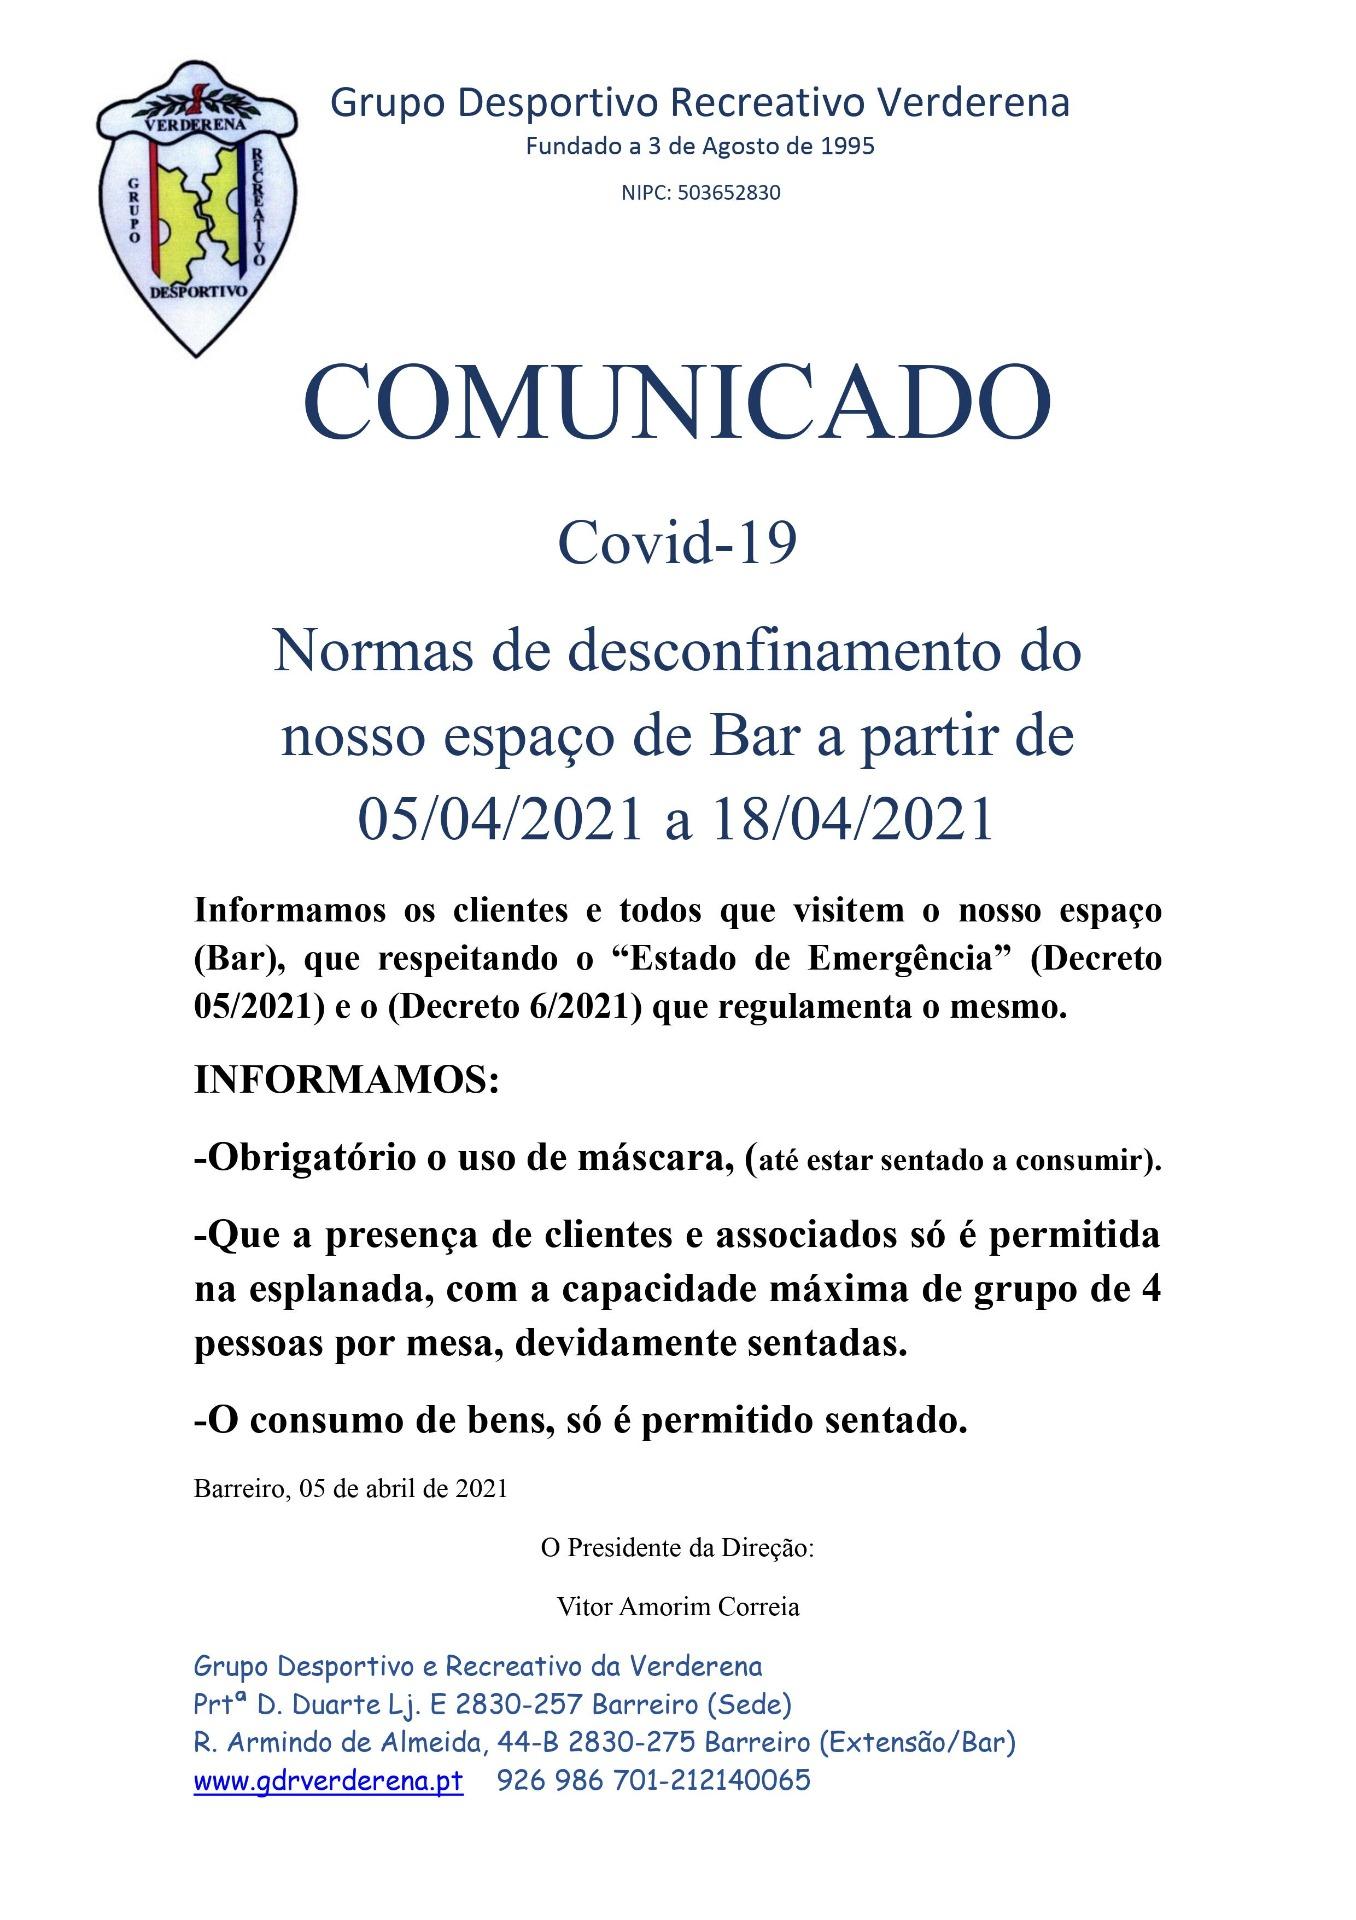 Normas de desconfinamento a 05-04-2021